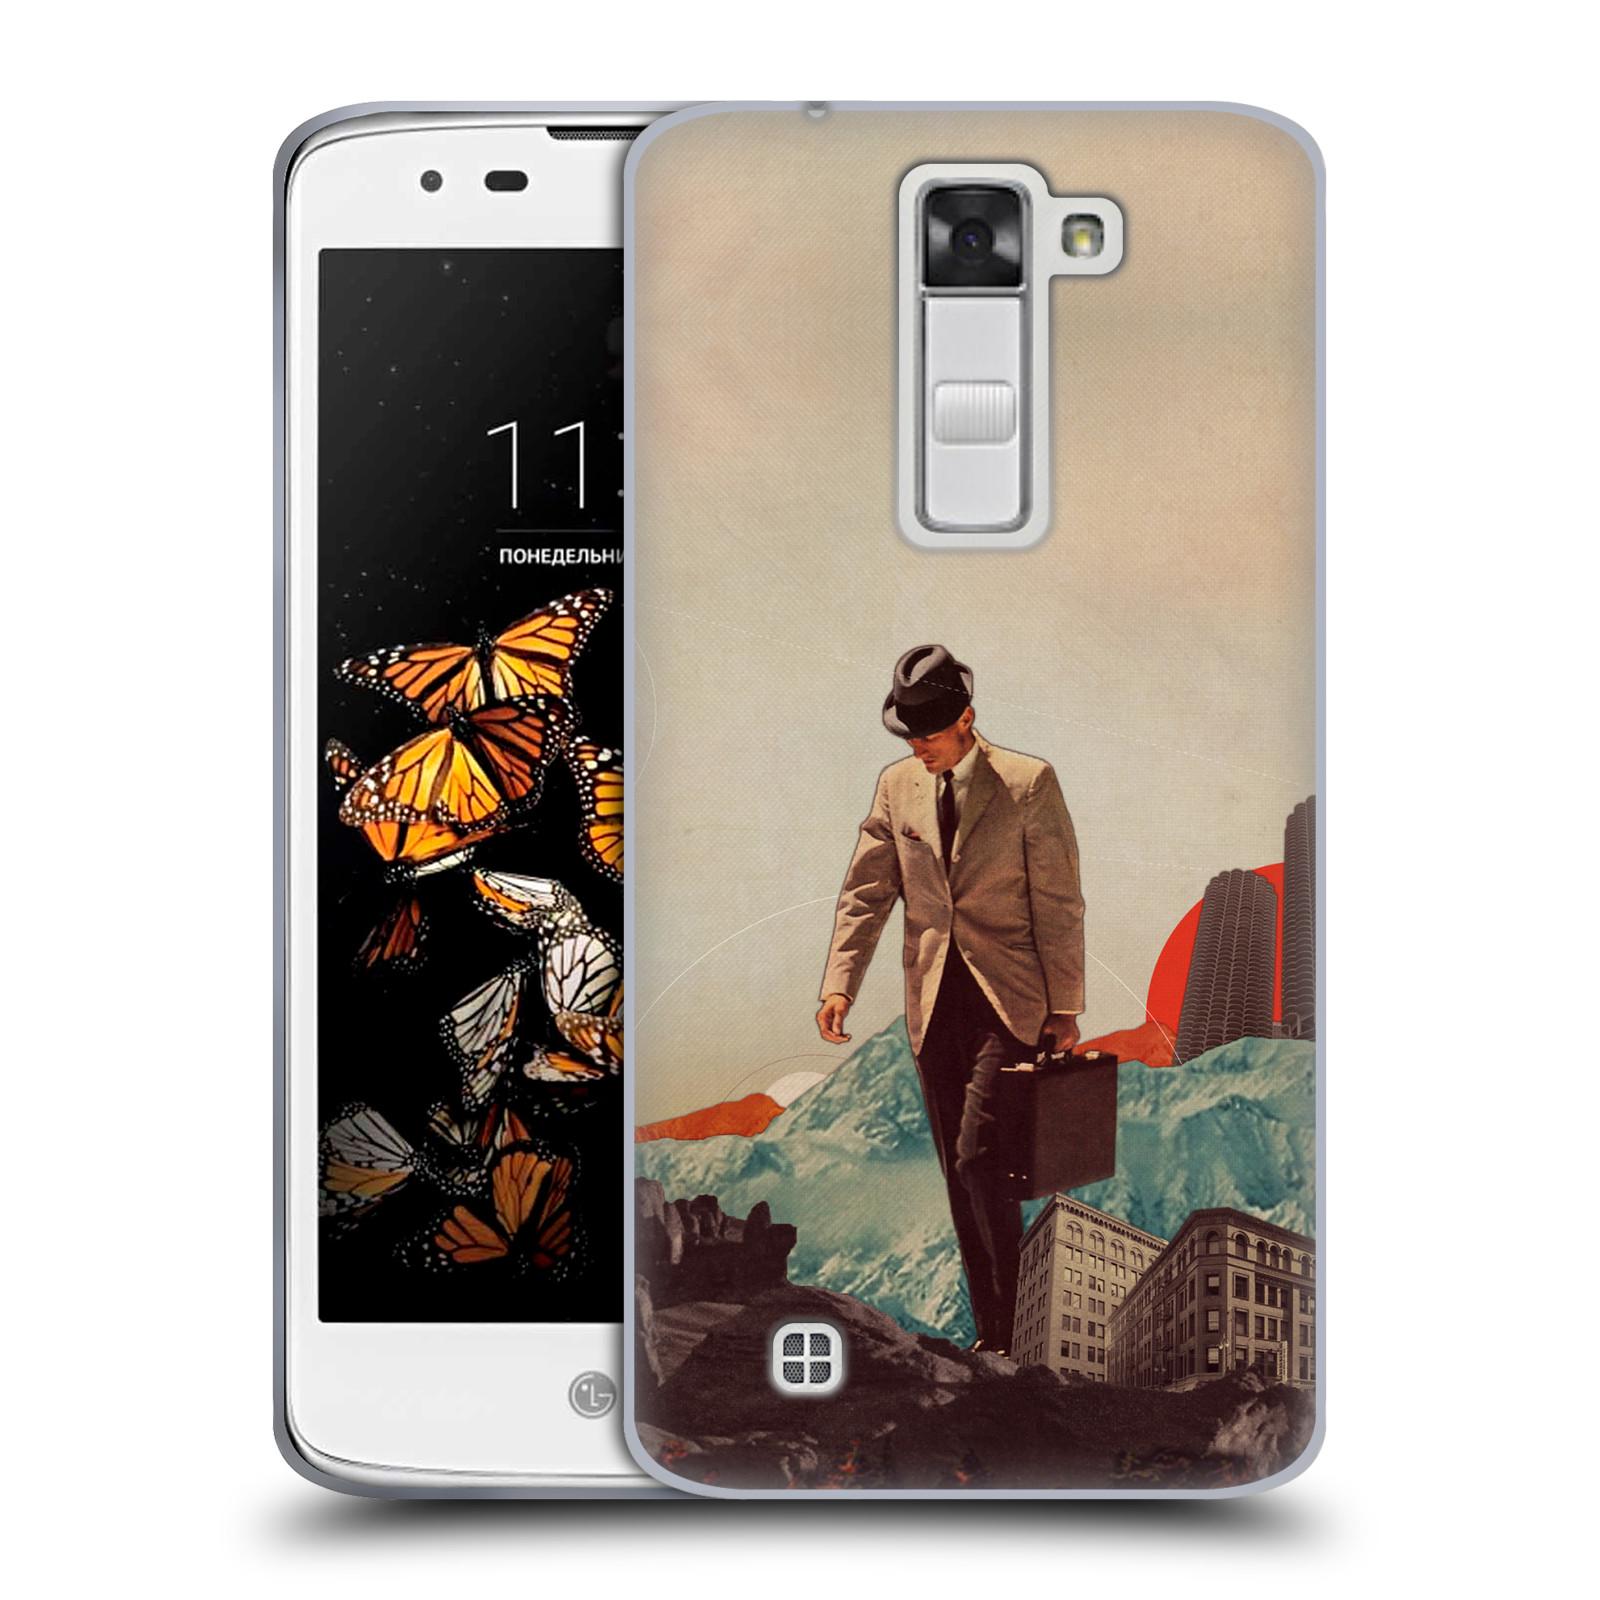 OFFICIAL-FRANK-MOTH-VINTAGE-SOFT-GEL-CASE-FOR-LG-PHONES-2